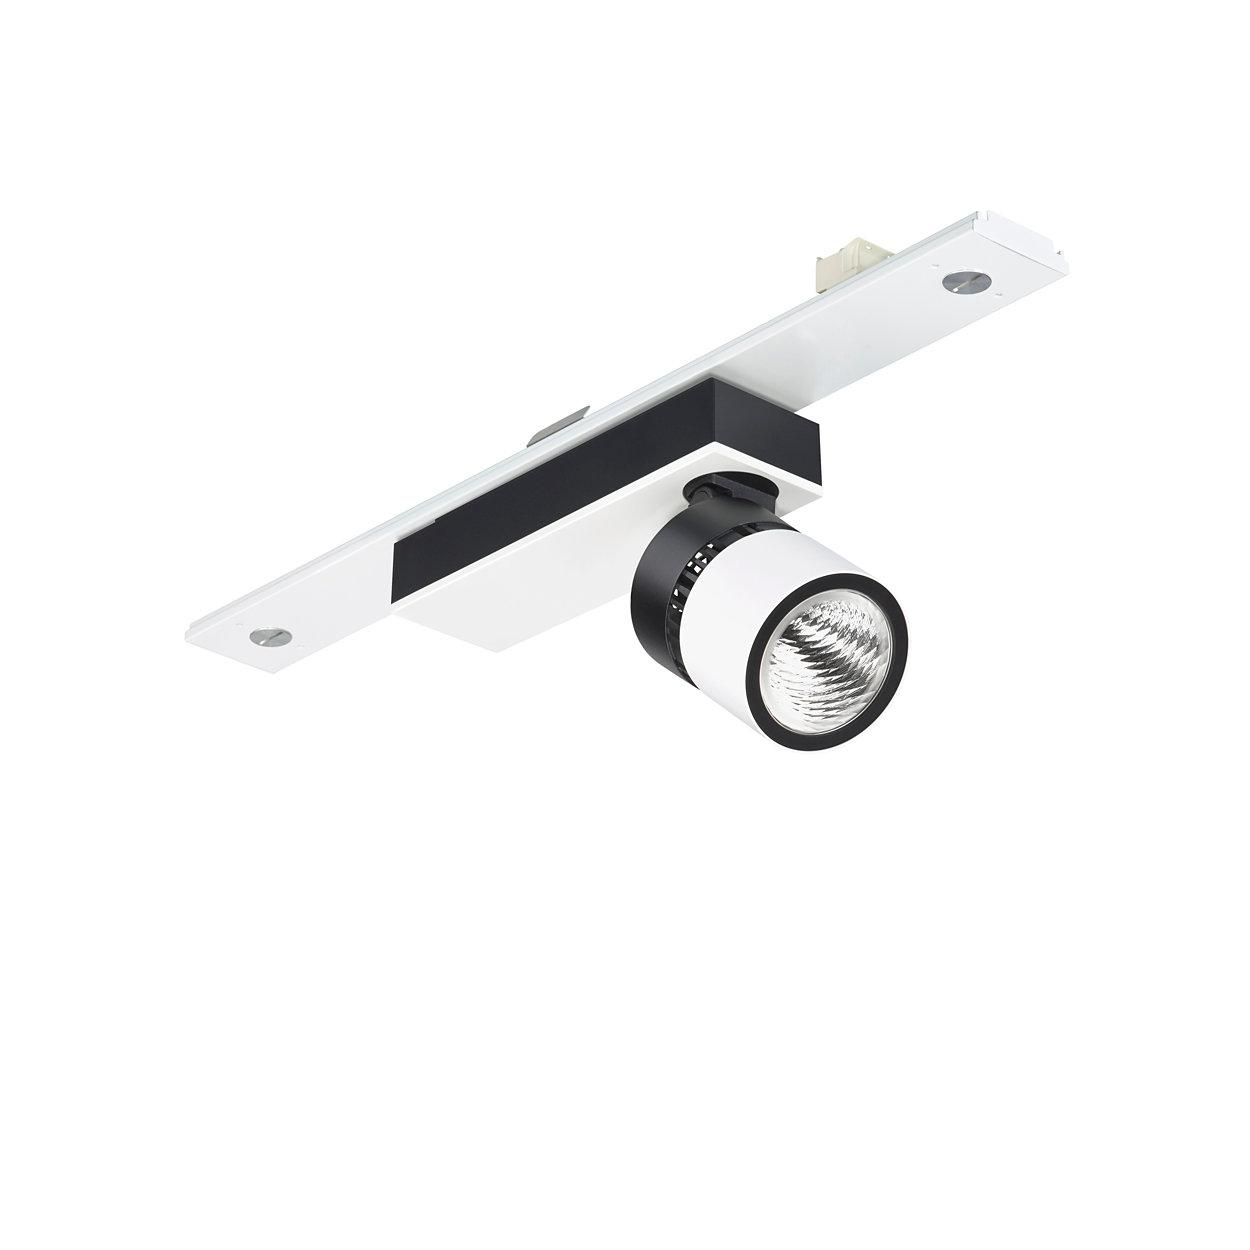 Wkładki do reflektorów LED na szyny Maxos — elastyczność i styl